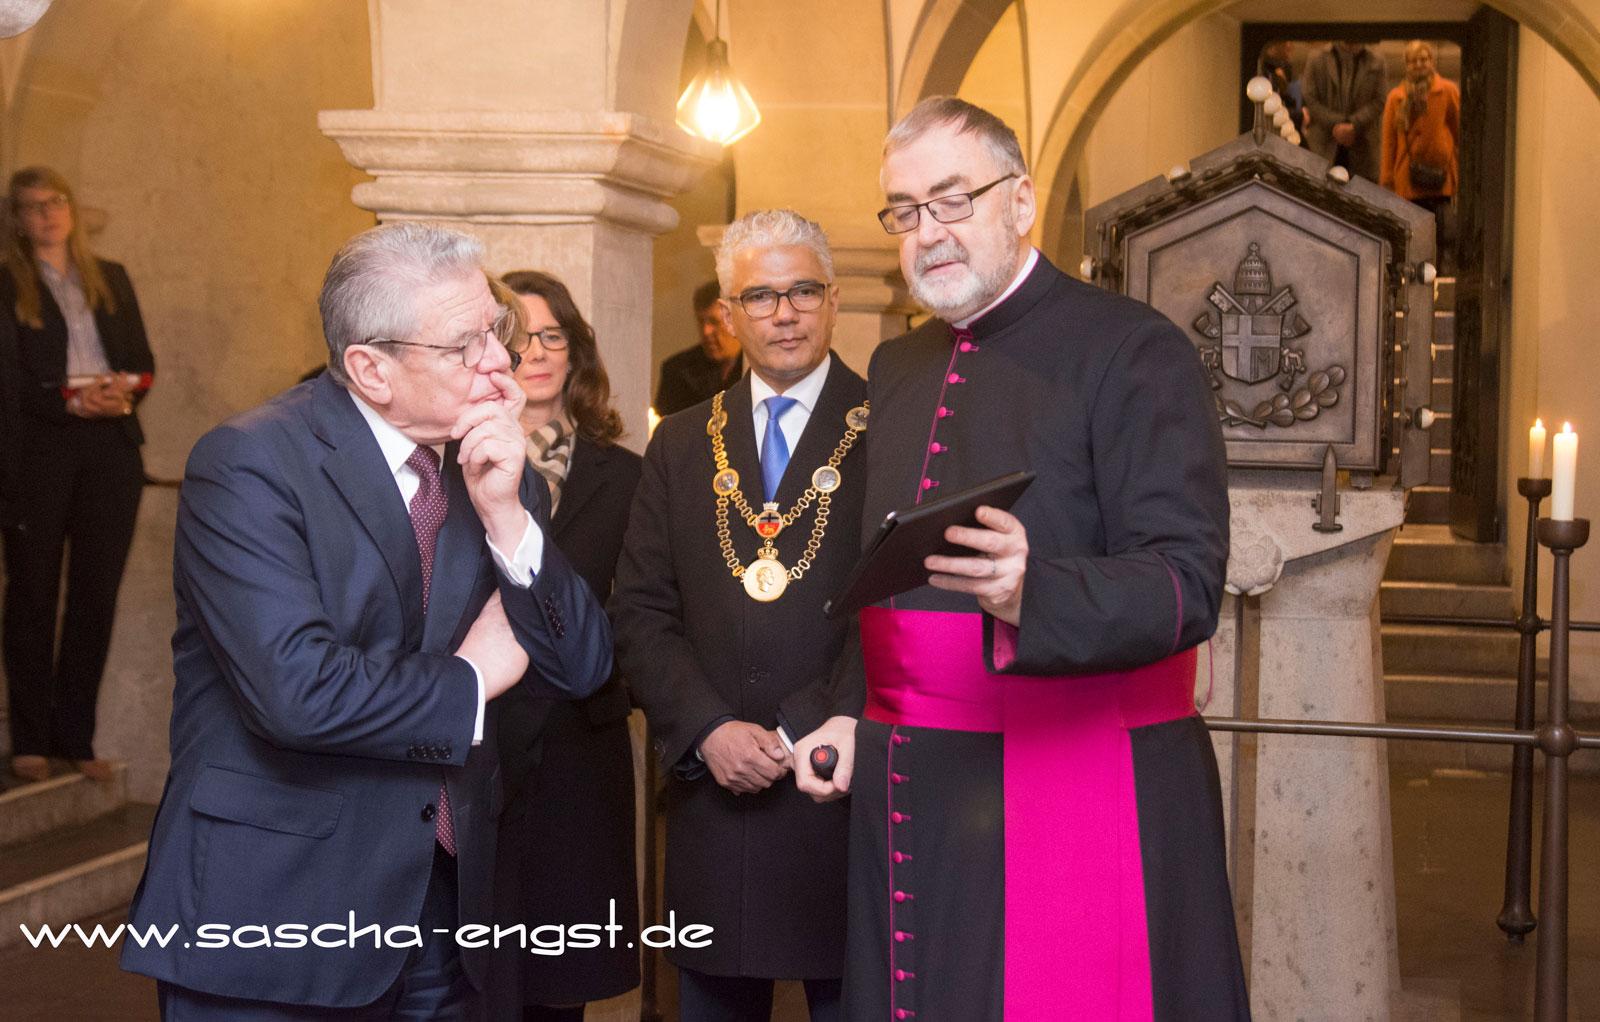 Stadtdechant Monsignore Wilfried Schumacher erklärt dem Bundespräsidenten und dem Bonner OB die Architektur des Bonner Münsters.